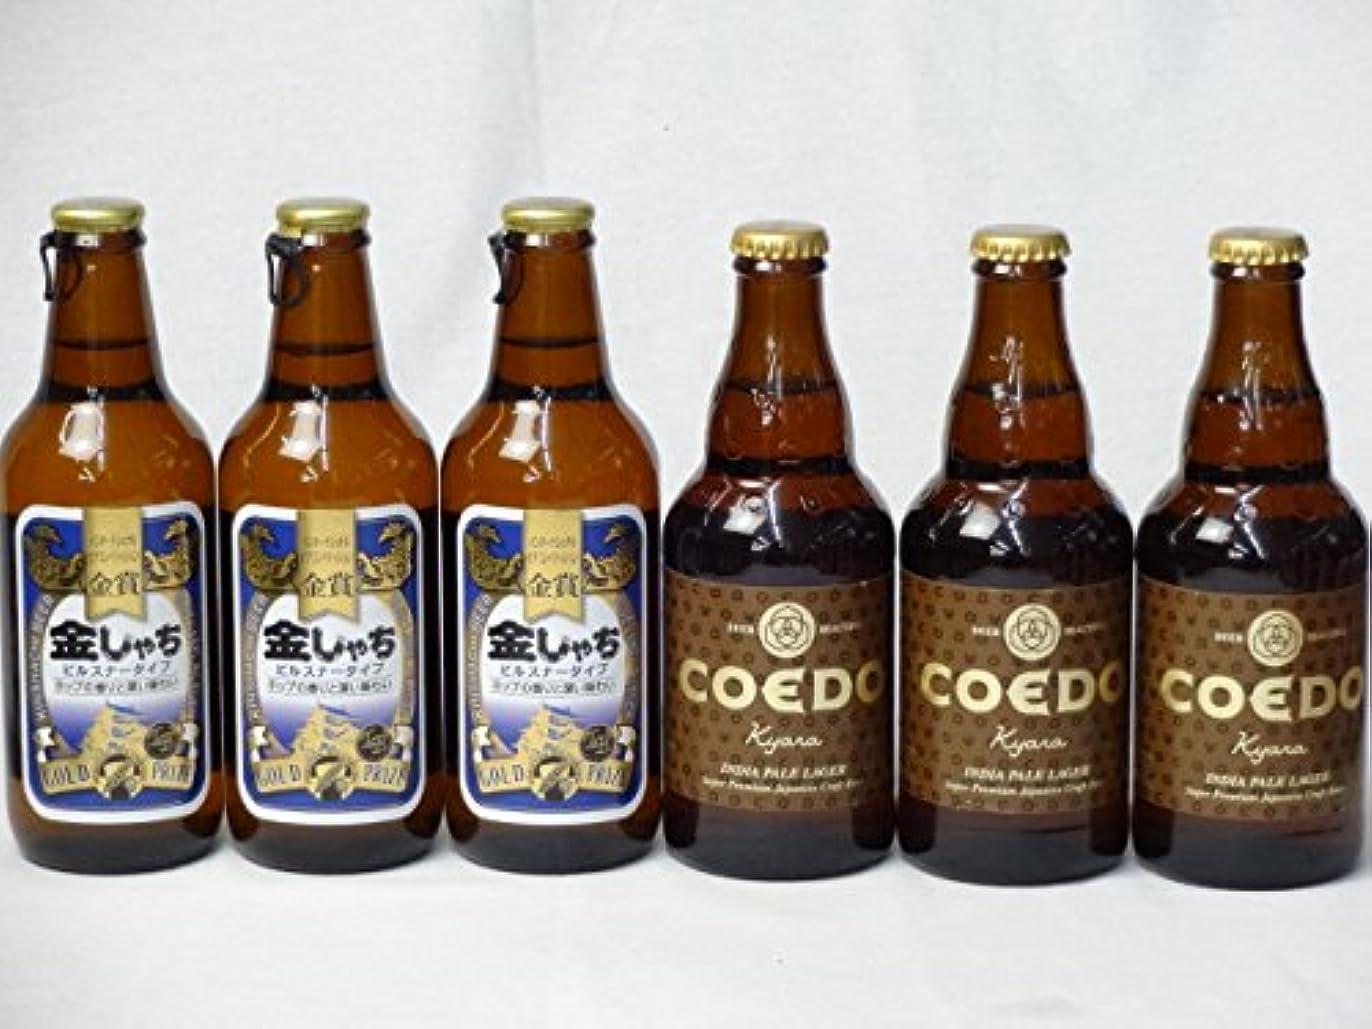 追加する結婚式カスケードクラフトビールパーティ6本セット 金しゃちピルスナー330ml×3本 コエドKyara333ml×3本